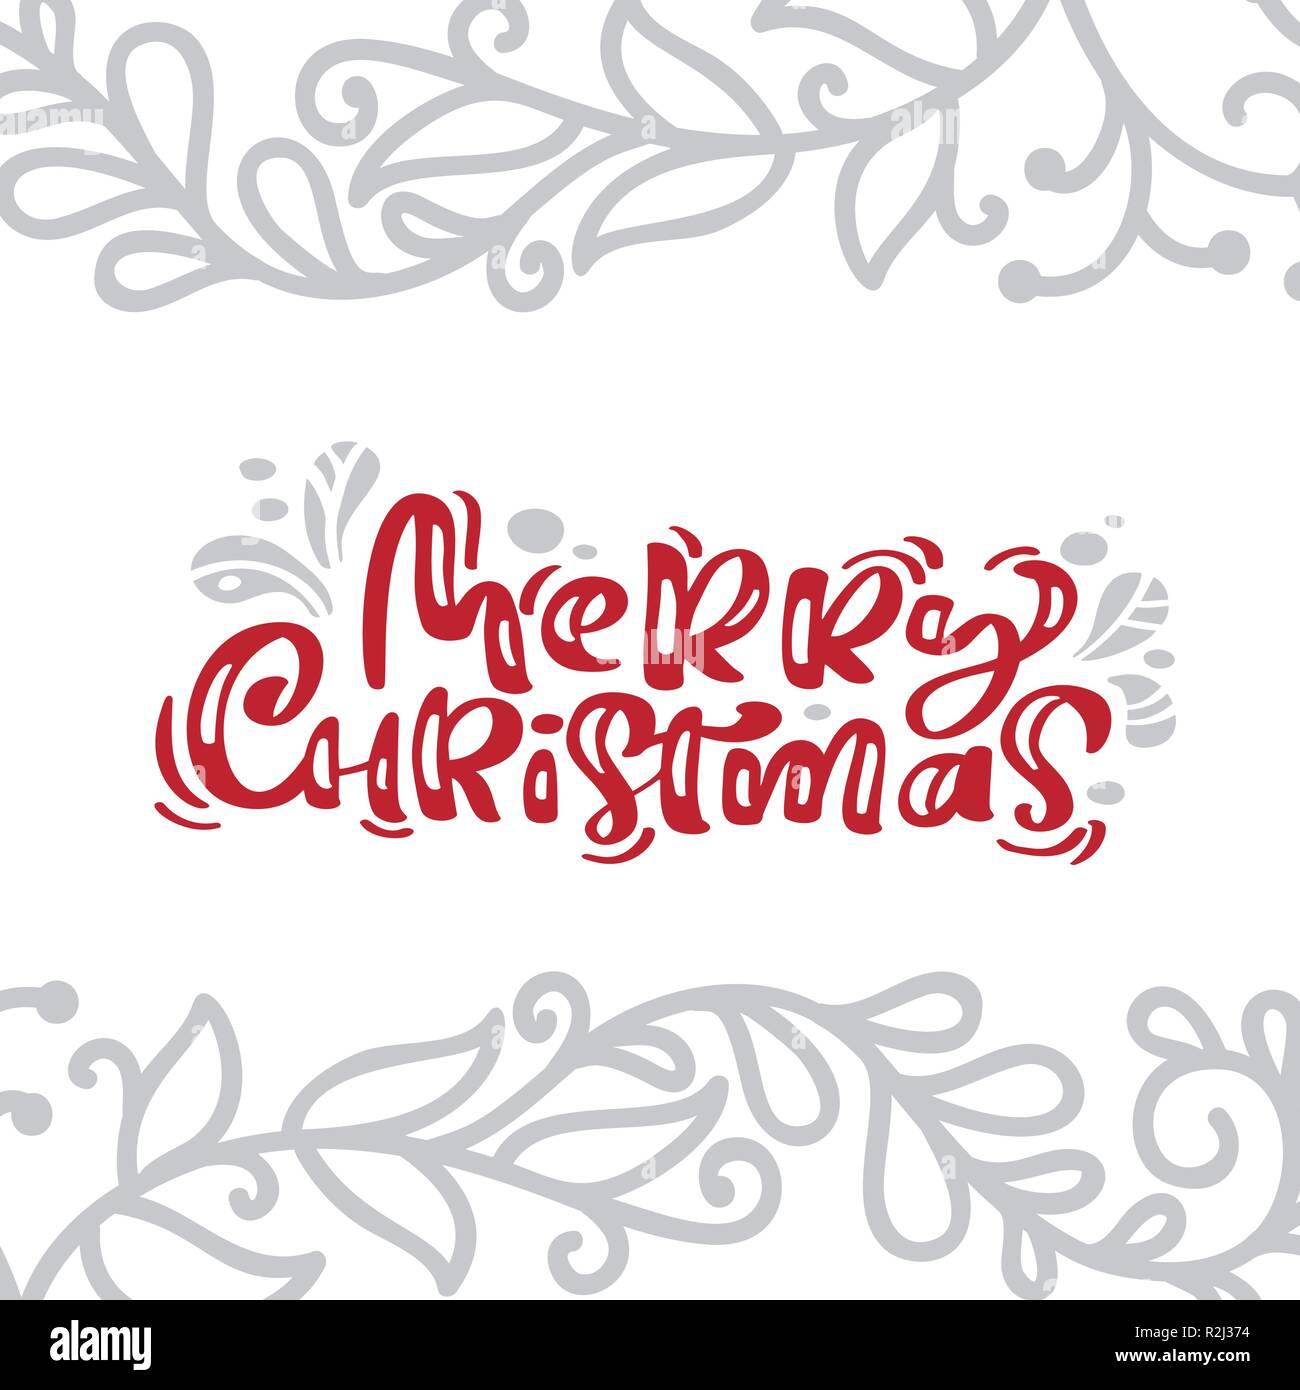 Joyeux Noël Carte Vintage Lettrage Calligraphie Le Texte